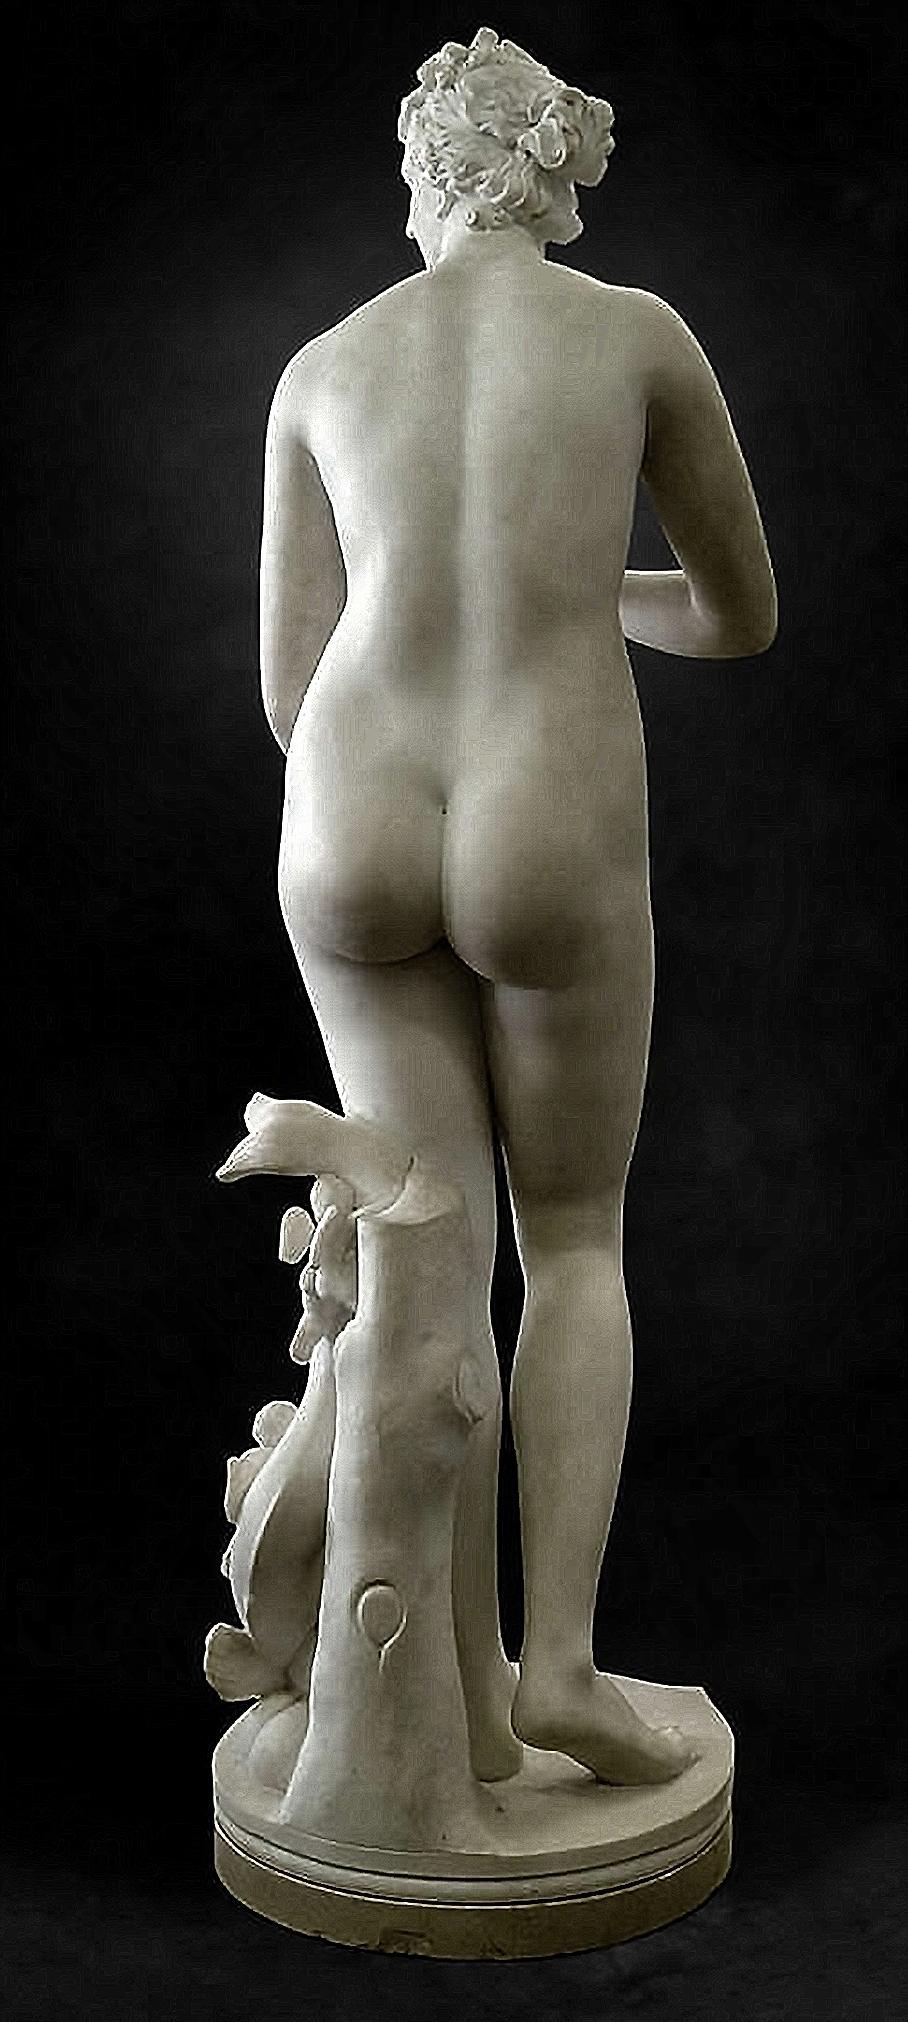 Venus de Medici, Uffizi, Florence, 8